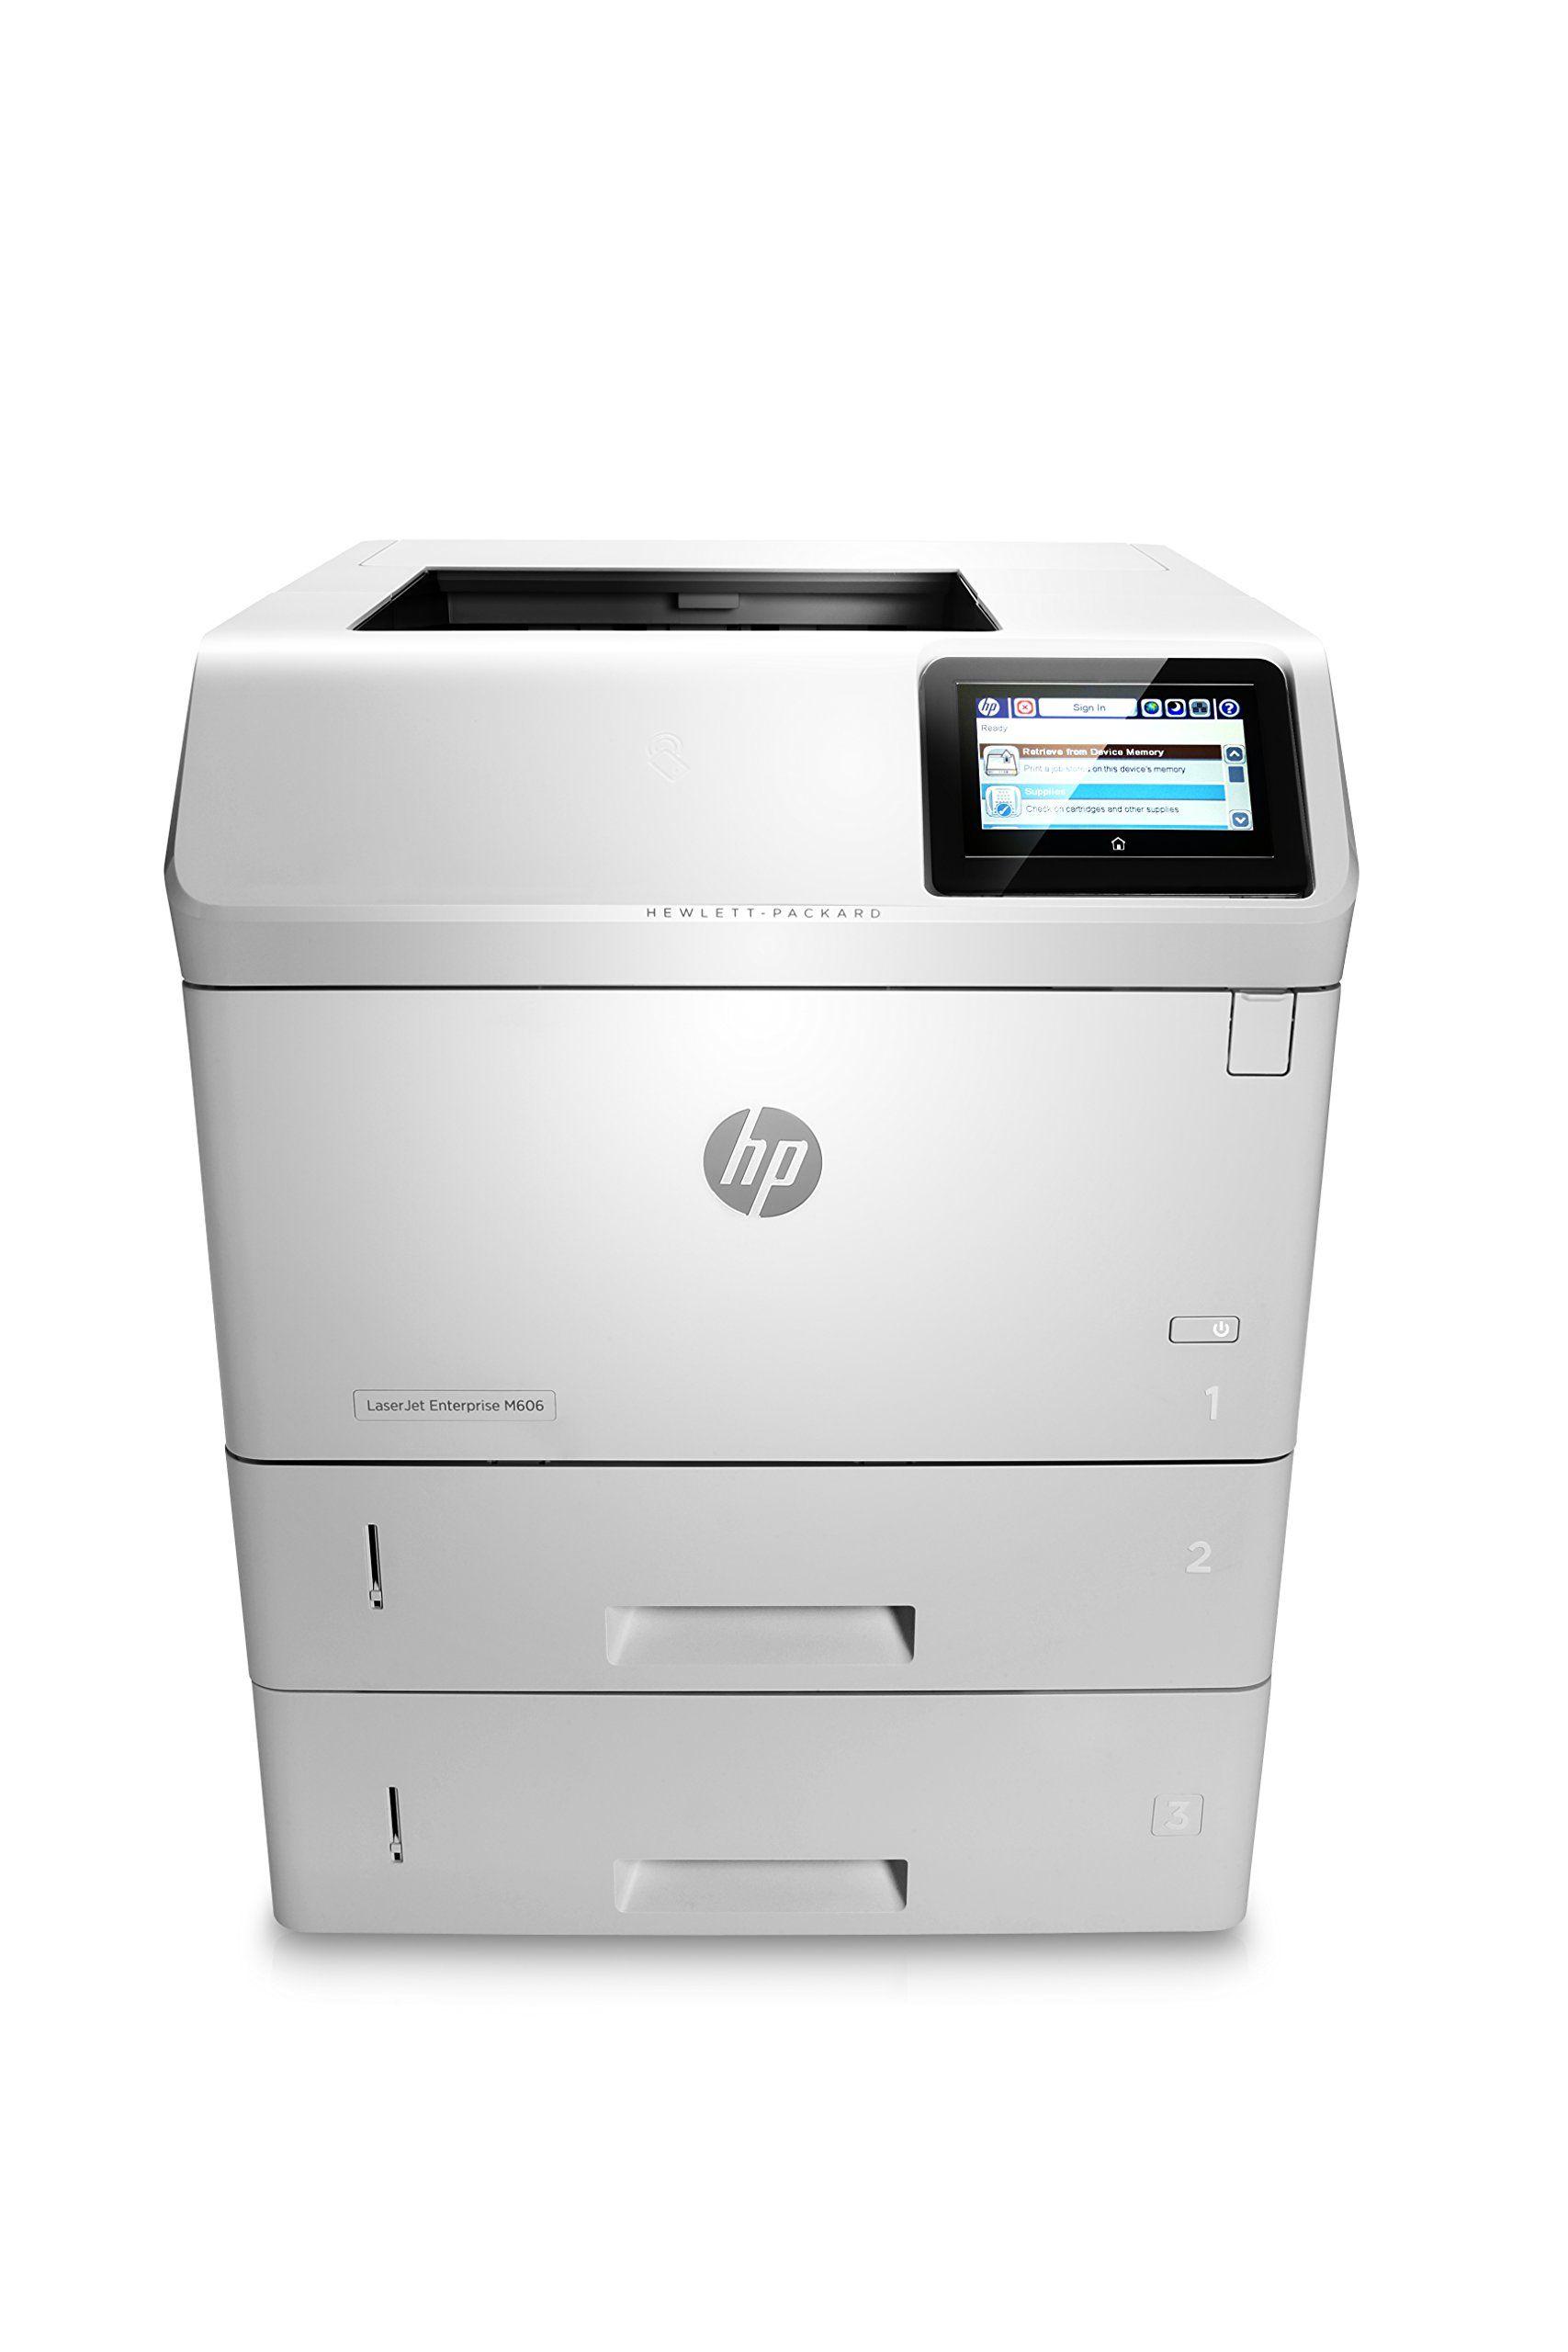 HP Monochrome LaserJet Enterprise M606x Printer w/ HP FutureSmart Firmware, (E6B73A#BGJ)